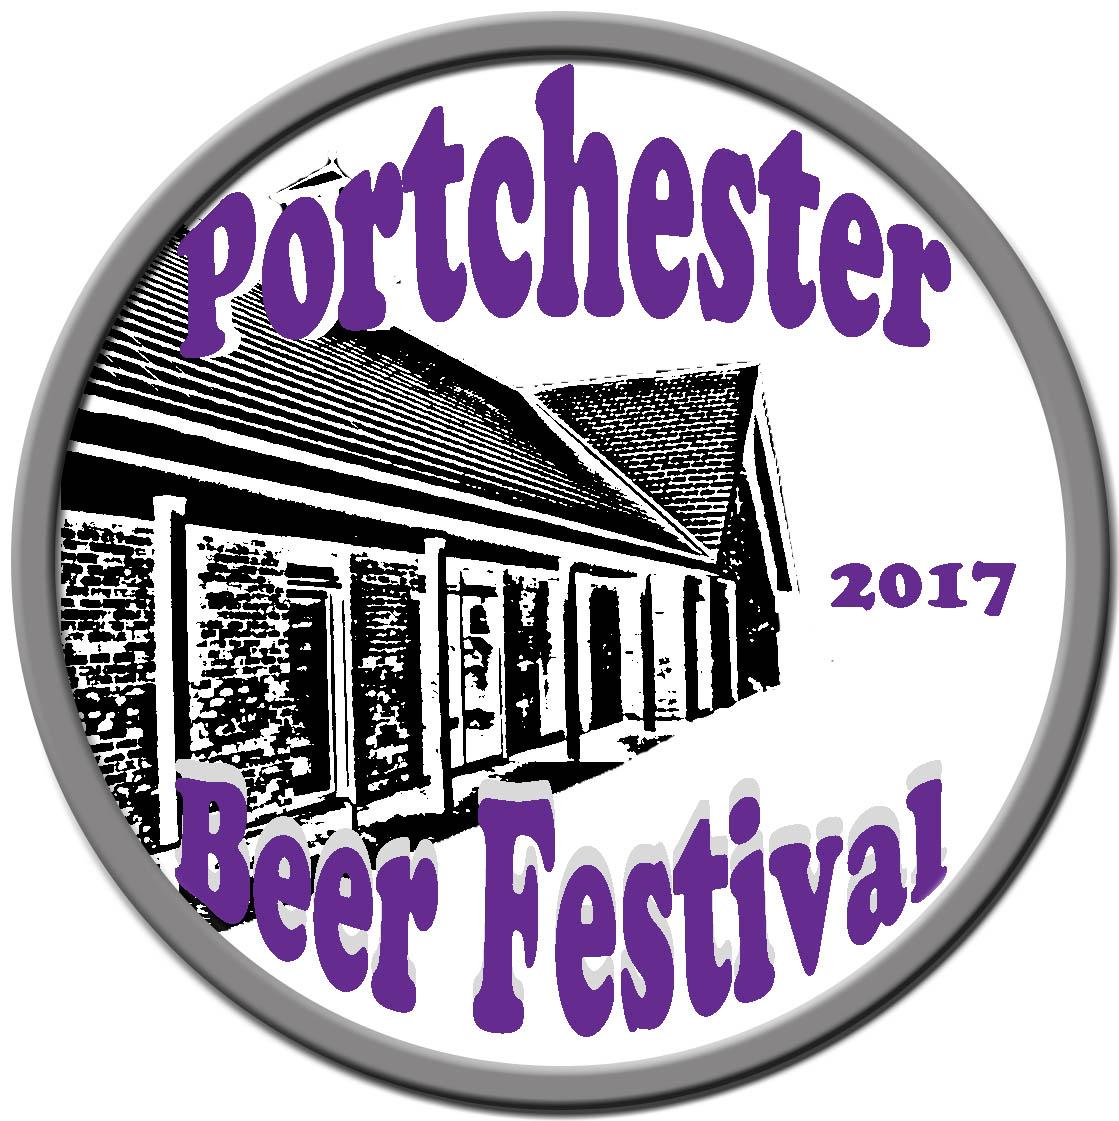 Cider & Sausage Festival 21st OCTOBER 2017